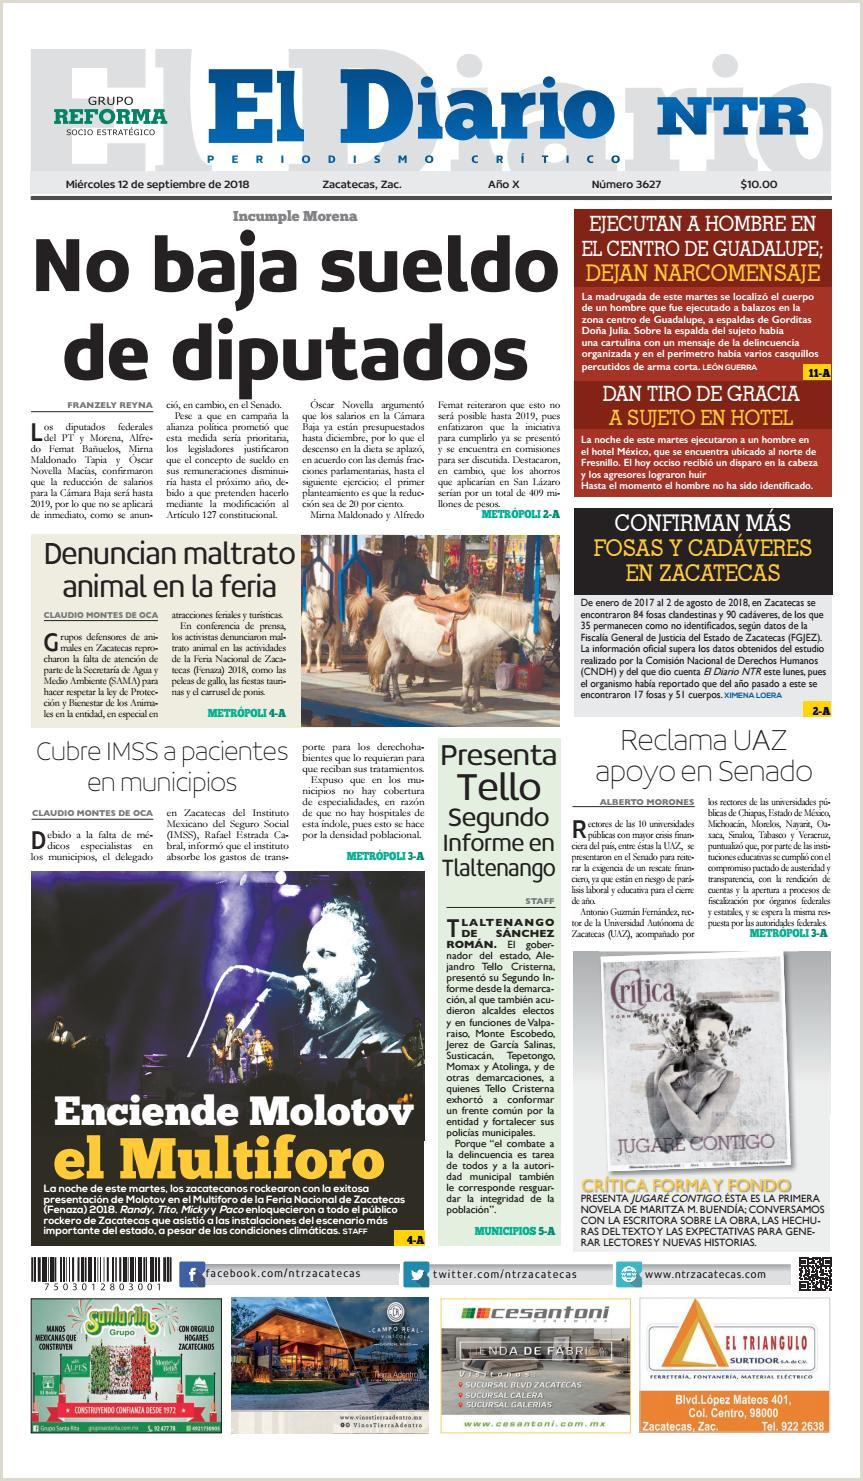 Como Hacer Una Hoja De Vida Minerva 10-00 Diario Ntr by Ntr Medios De Unicaci³n issuu